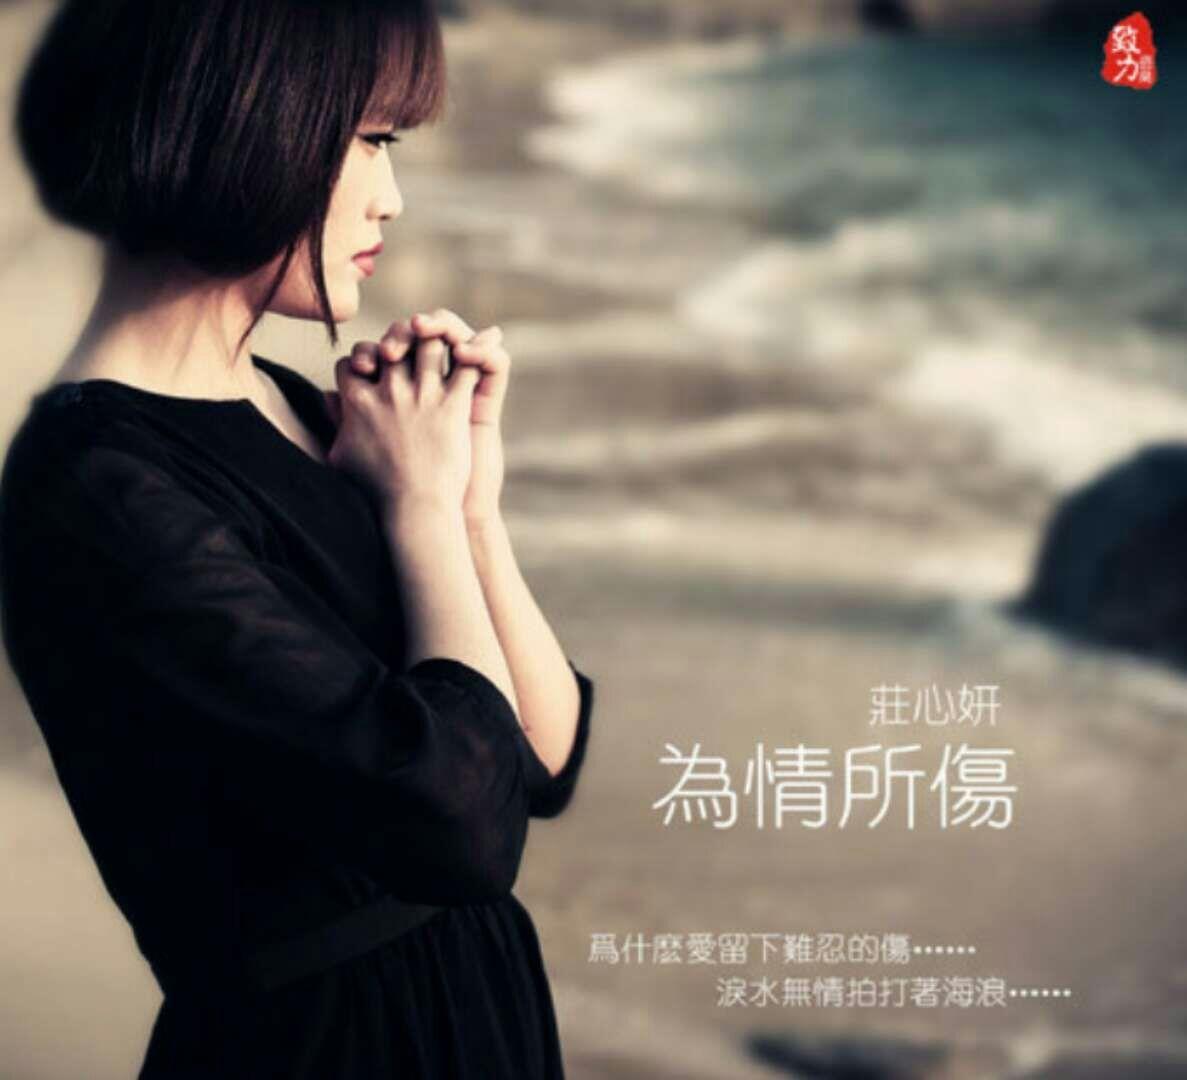 歌曲简介: 《为情所伤》是女歌手庄心妍发行的首张个人原创大碟